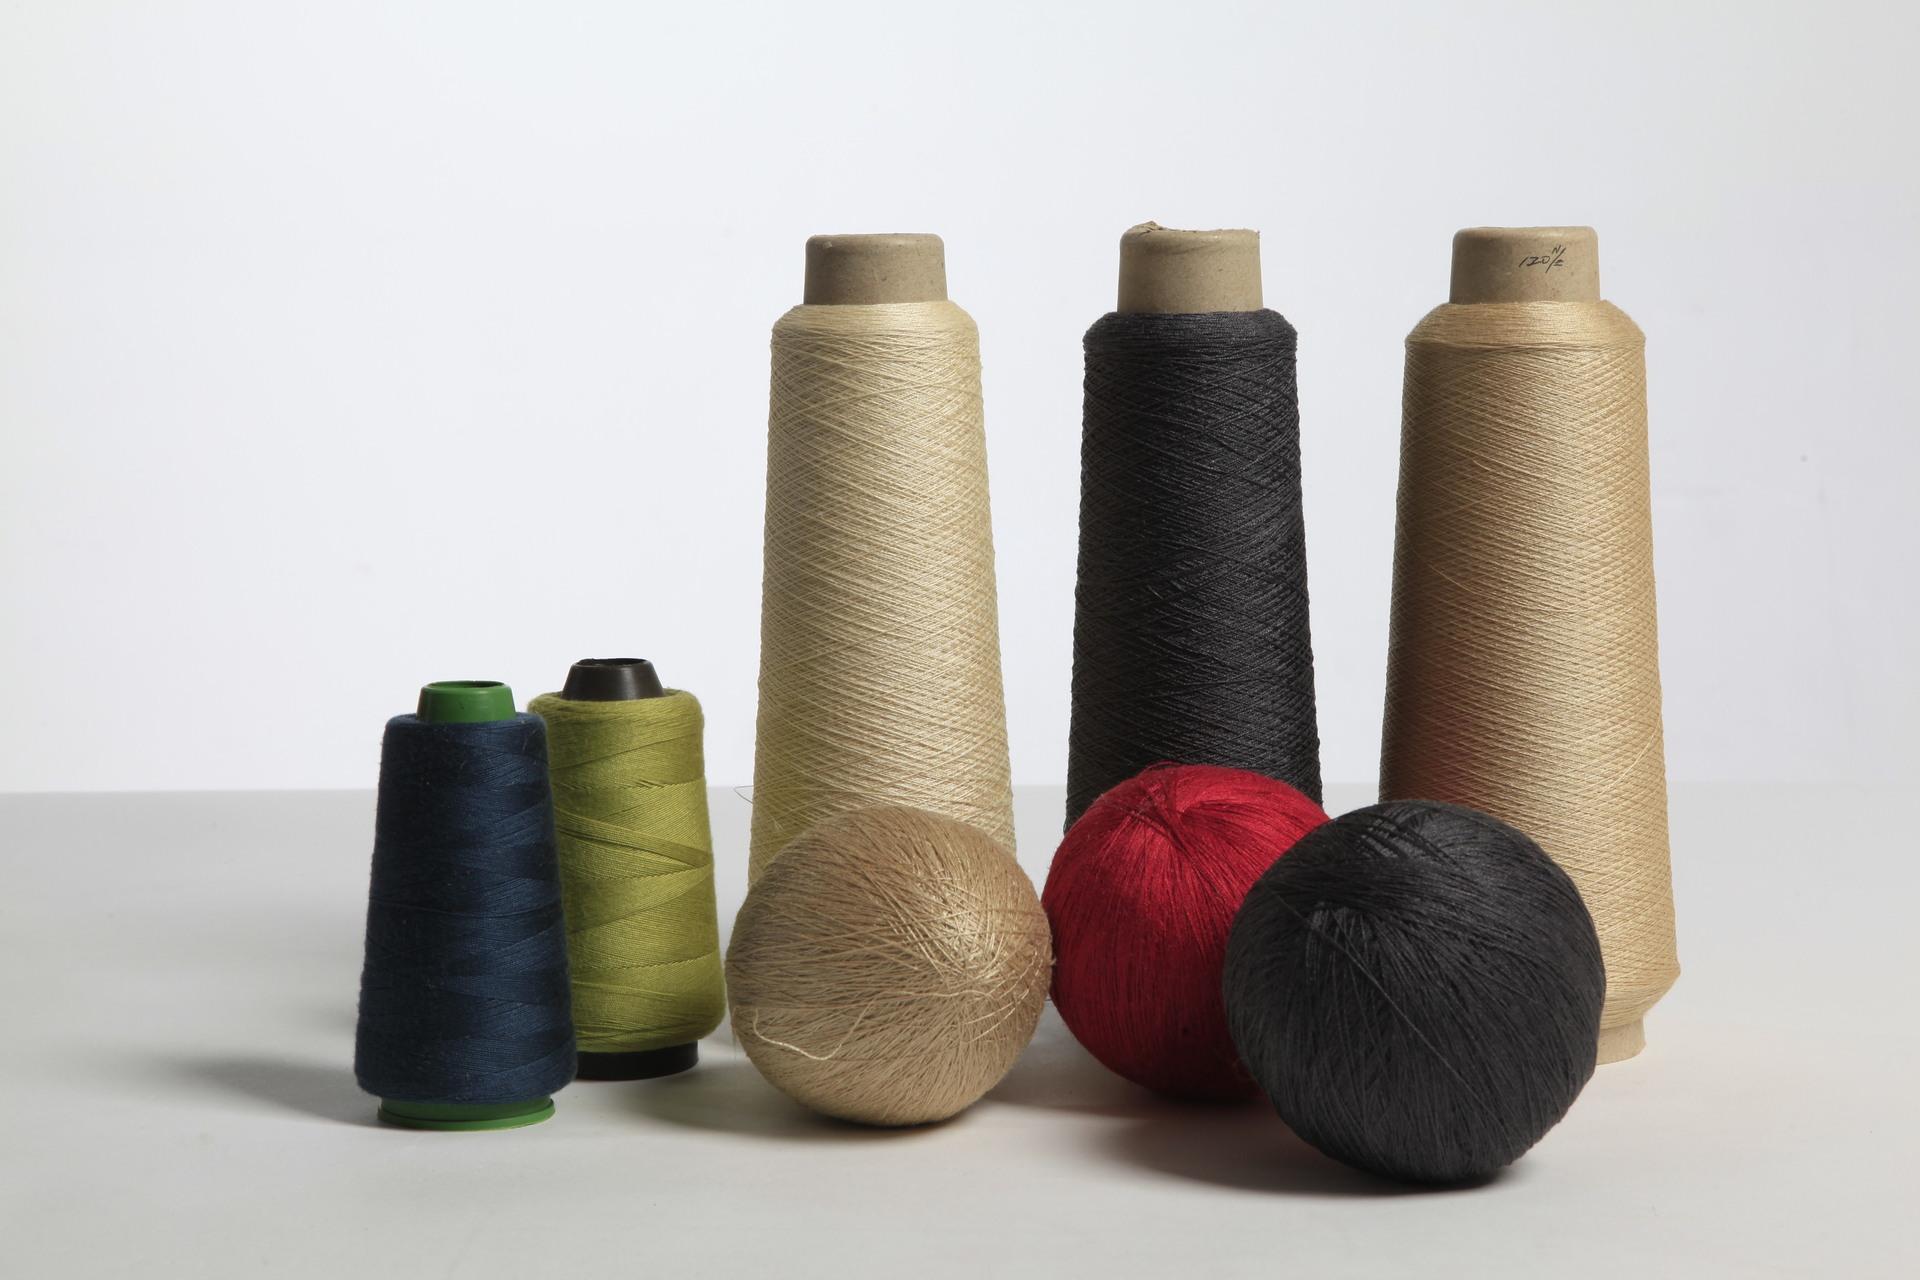 Sợi tơ lụa Sợi tơ tằm, sợi tơ tussah, sợi tơ tussah, sợi cố định, lyricin, in nhà máy cường độ kéo s